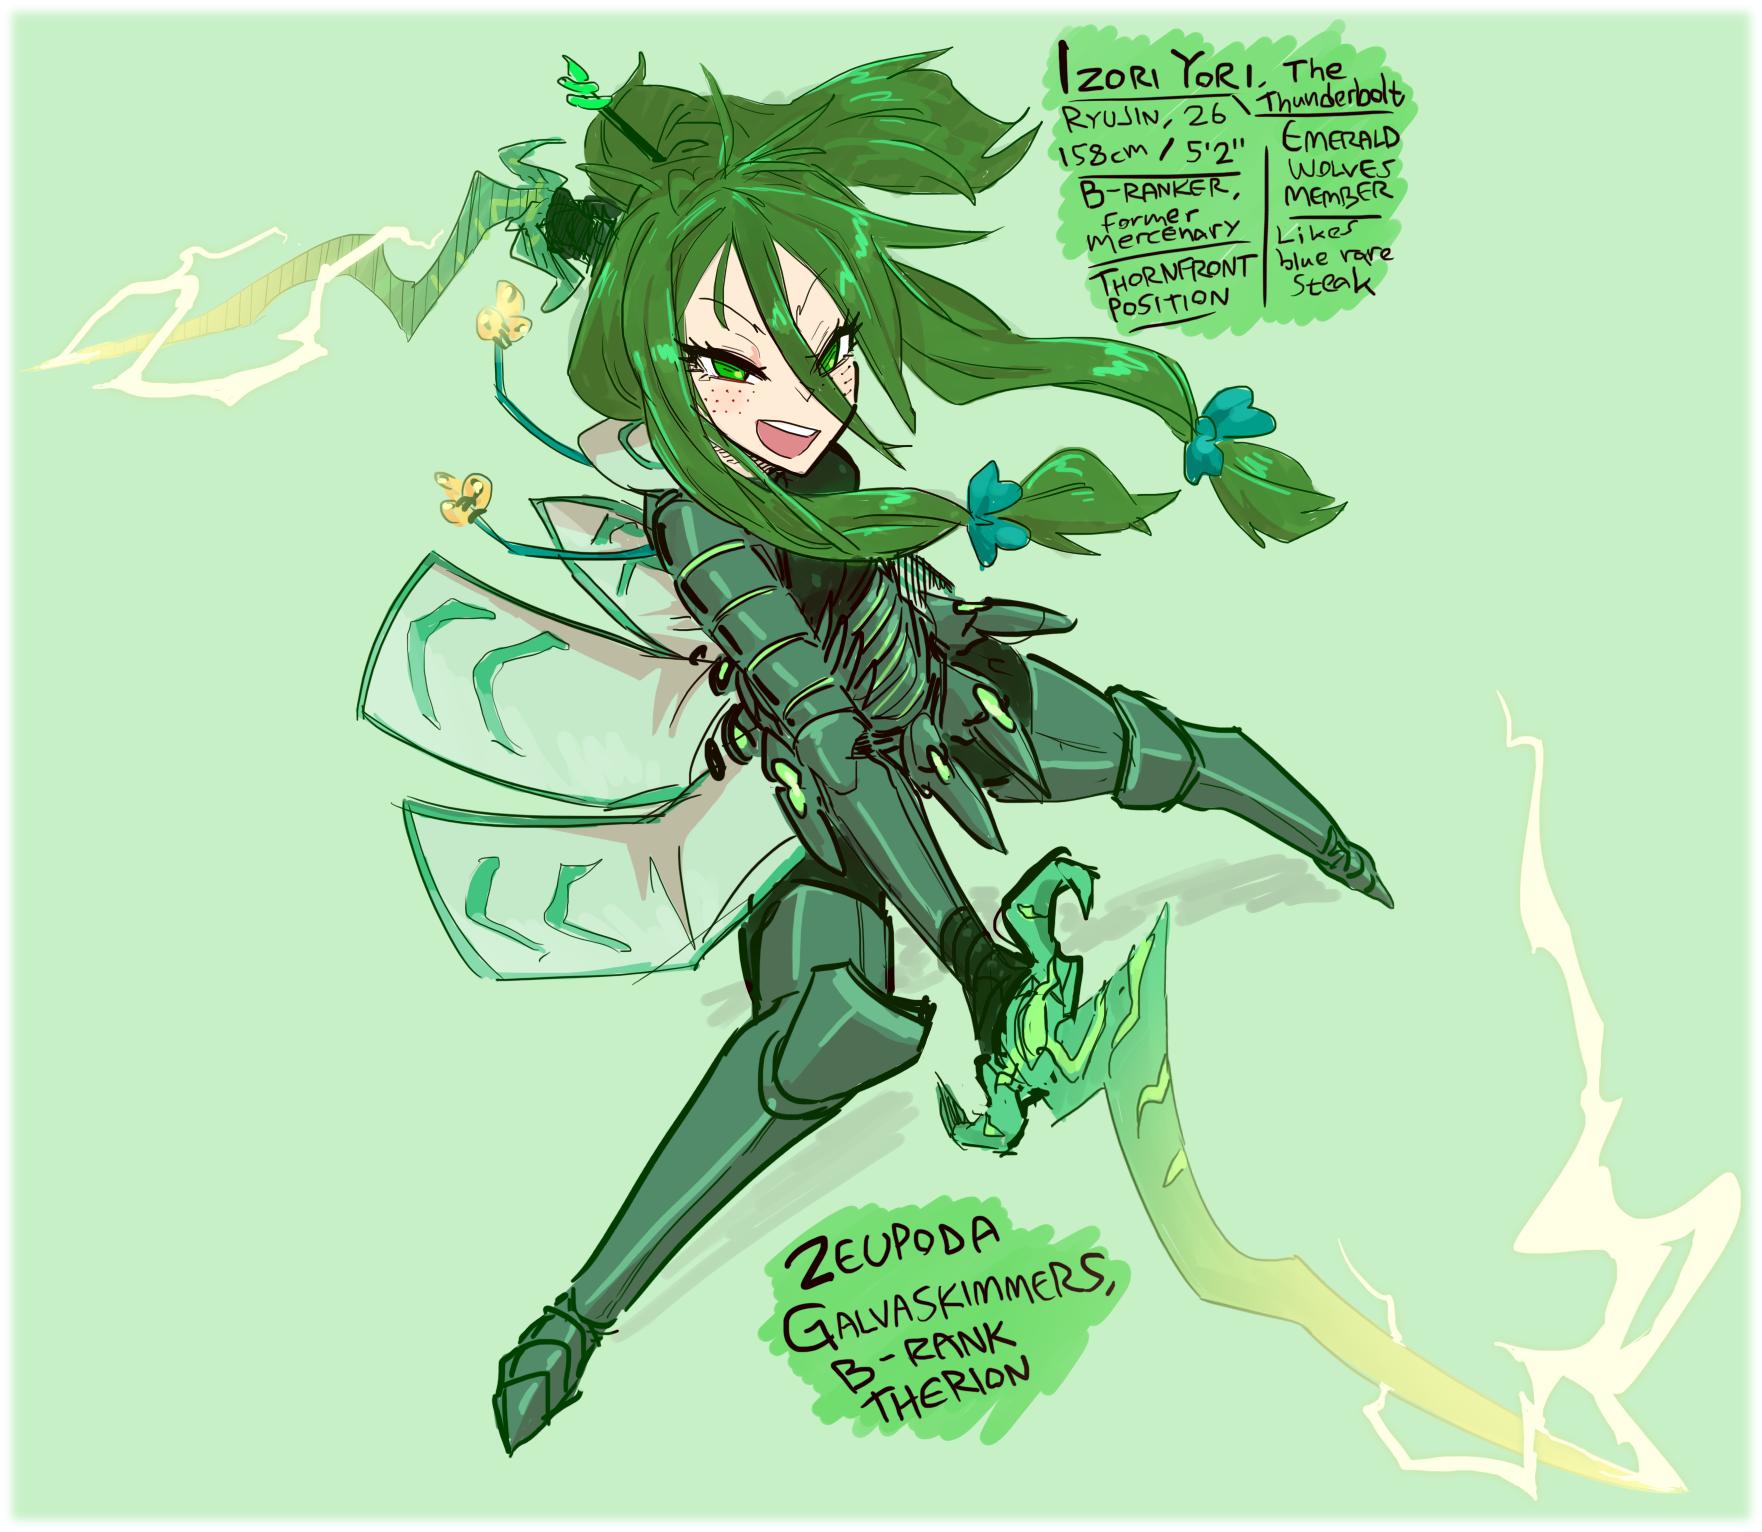 Izori the Thunderbolt